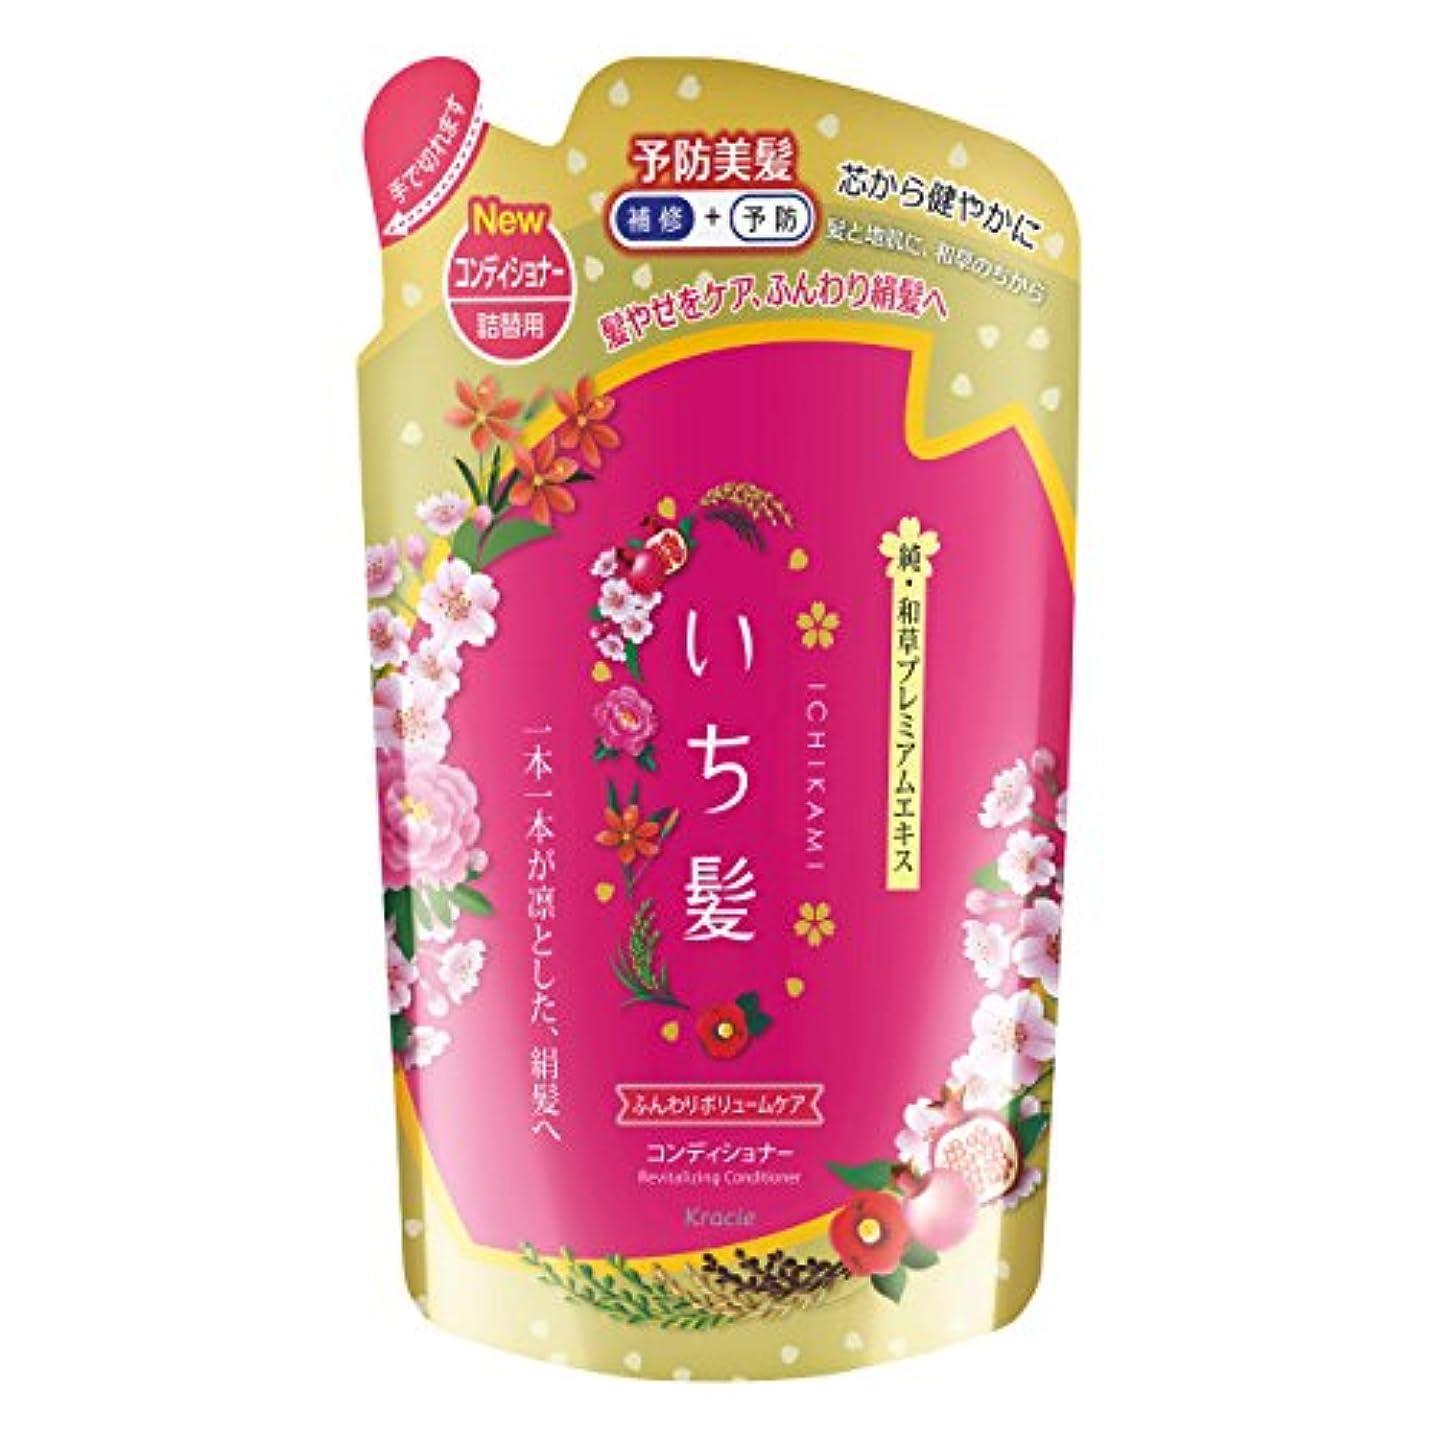 のどプレミアム茎いち髪 ふんわりボリュームケア コンディショナー 詰替用 340g